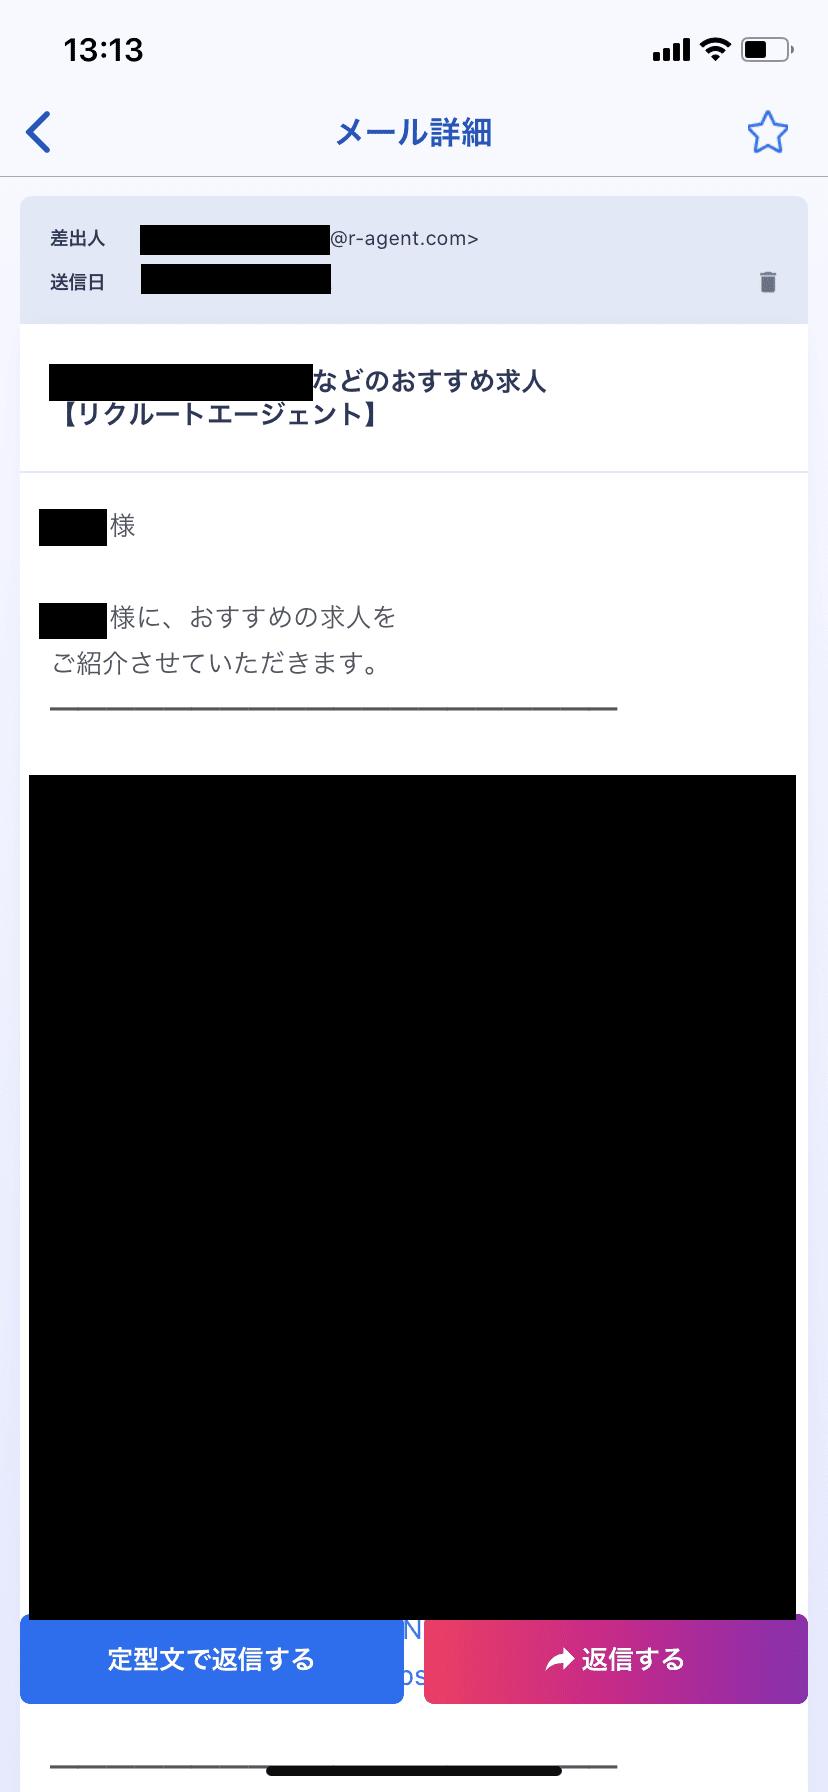 リクルートエージェント大阪支社